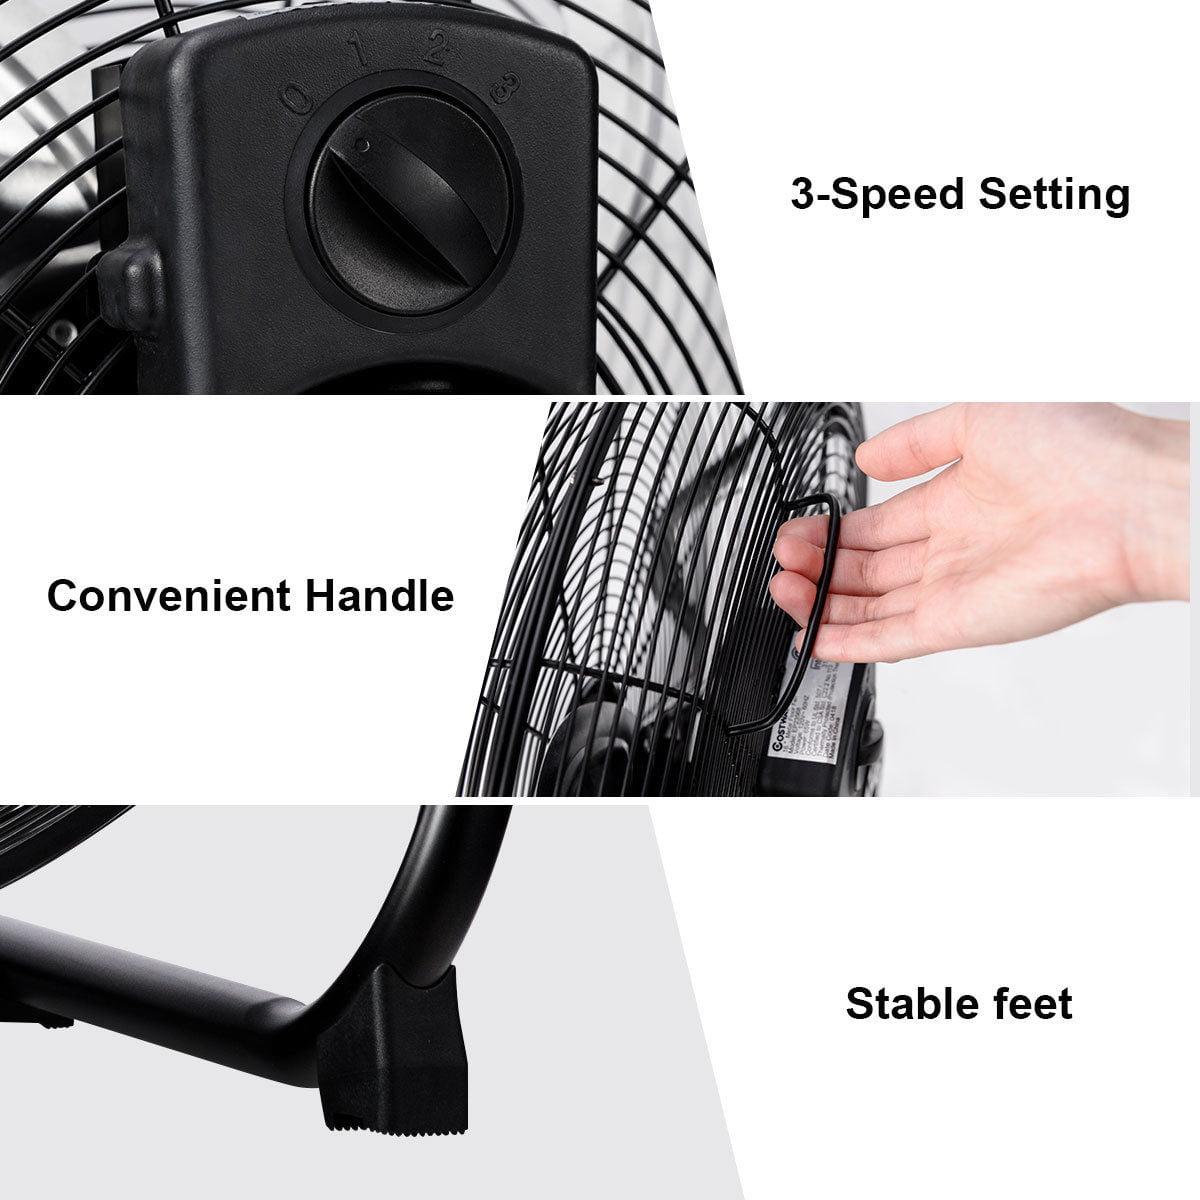 16'' High Velocity Fan Commercial Industrial Grade 3-Speed Floor Fan - image 2 of 10